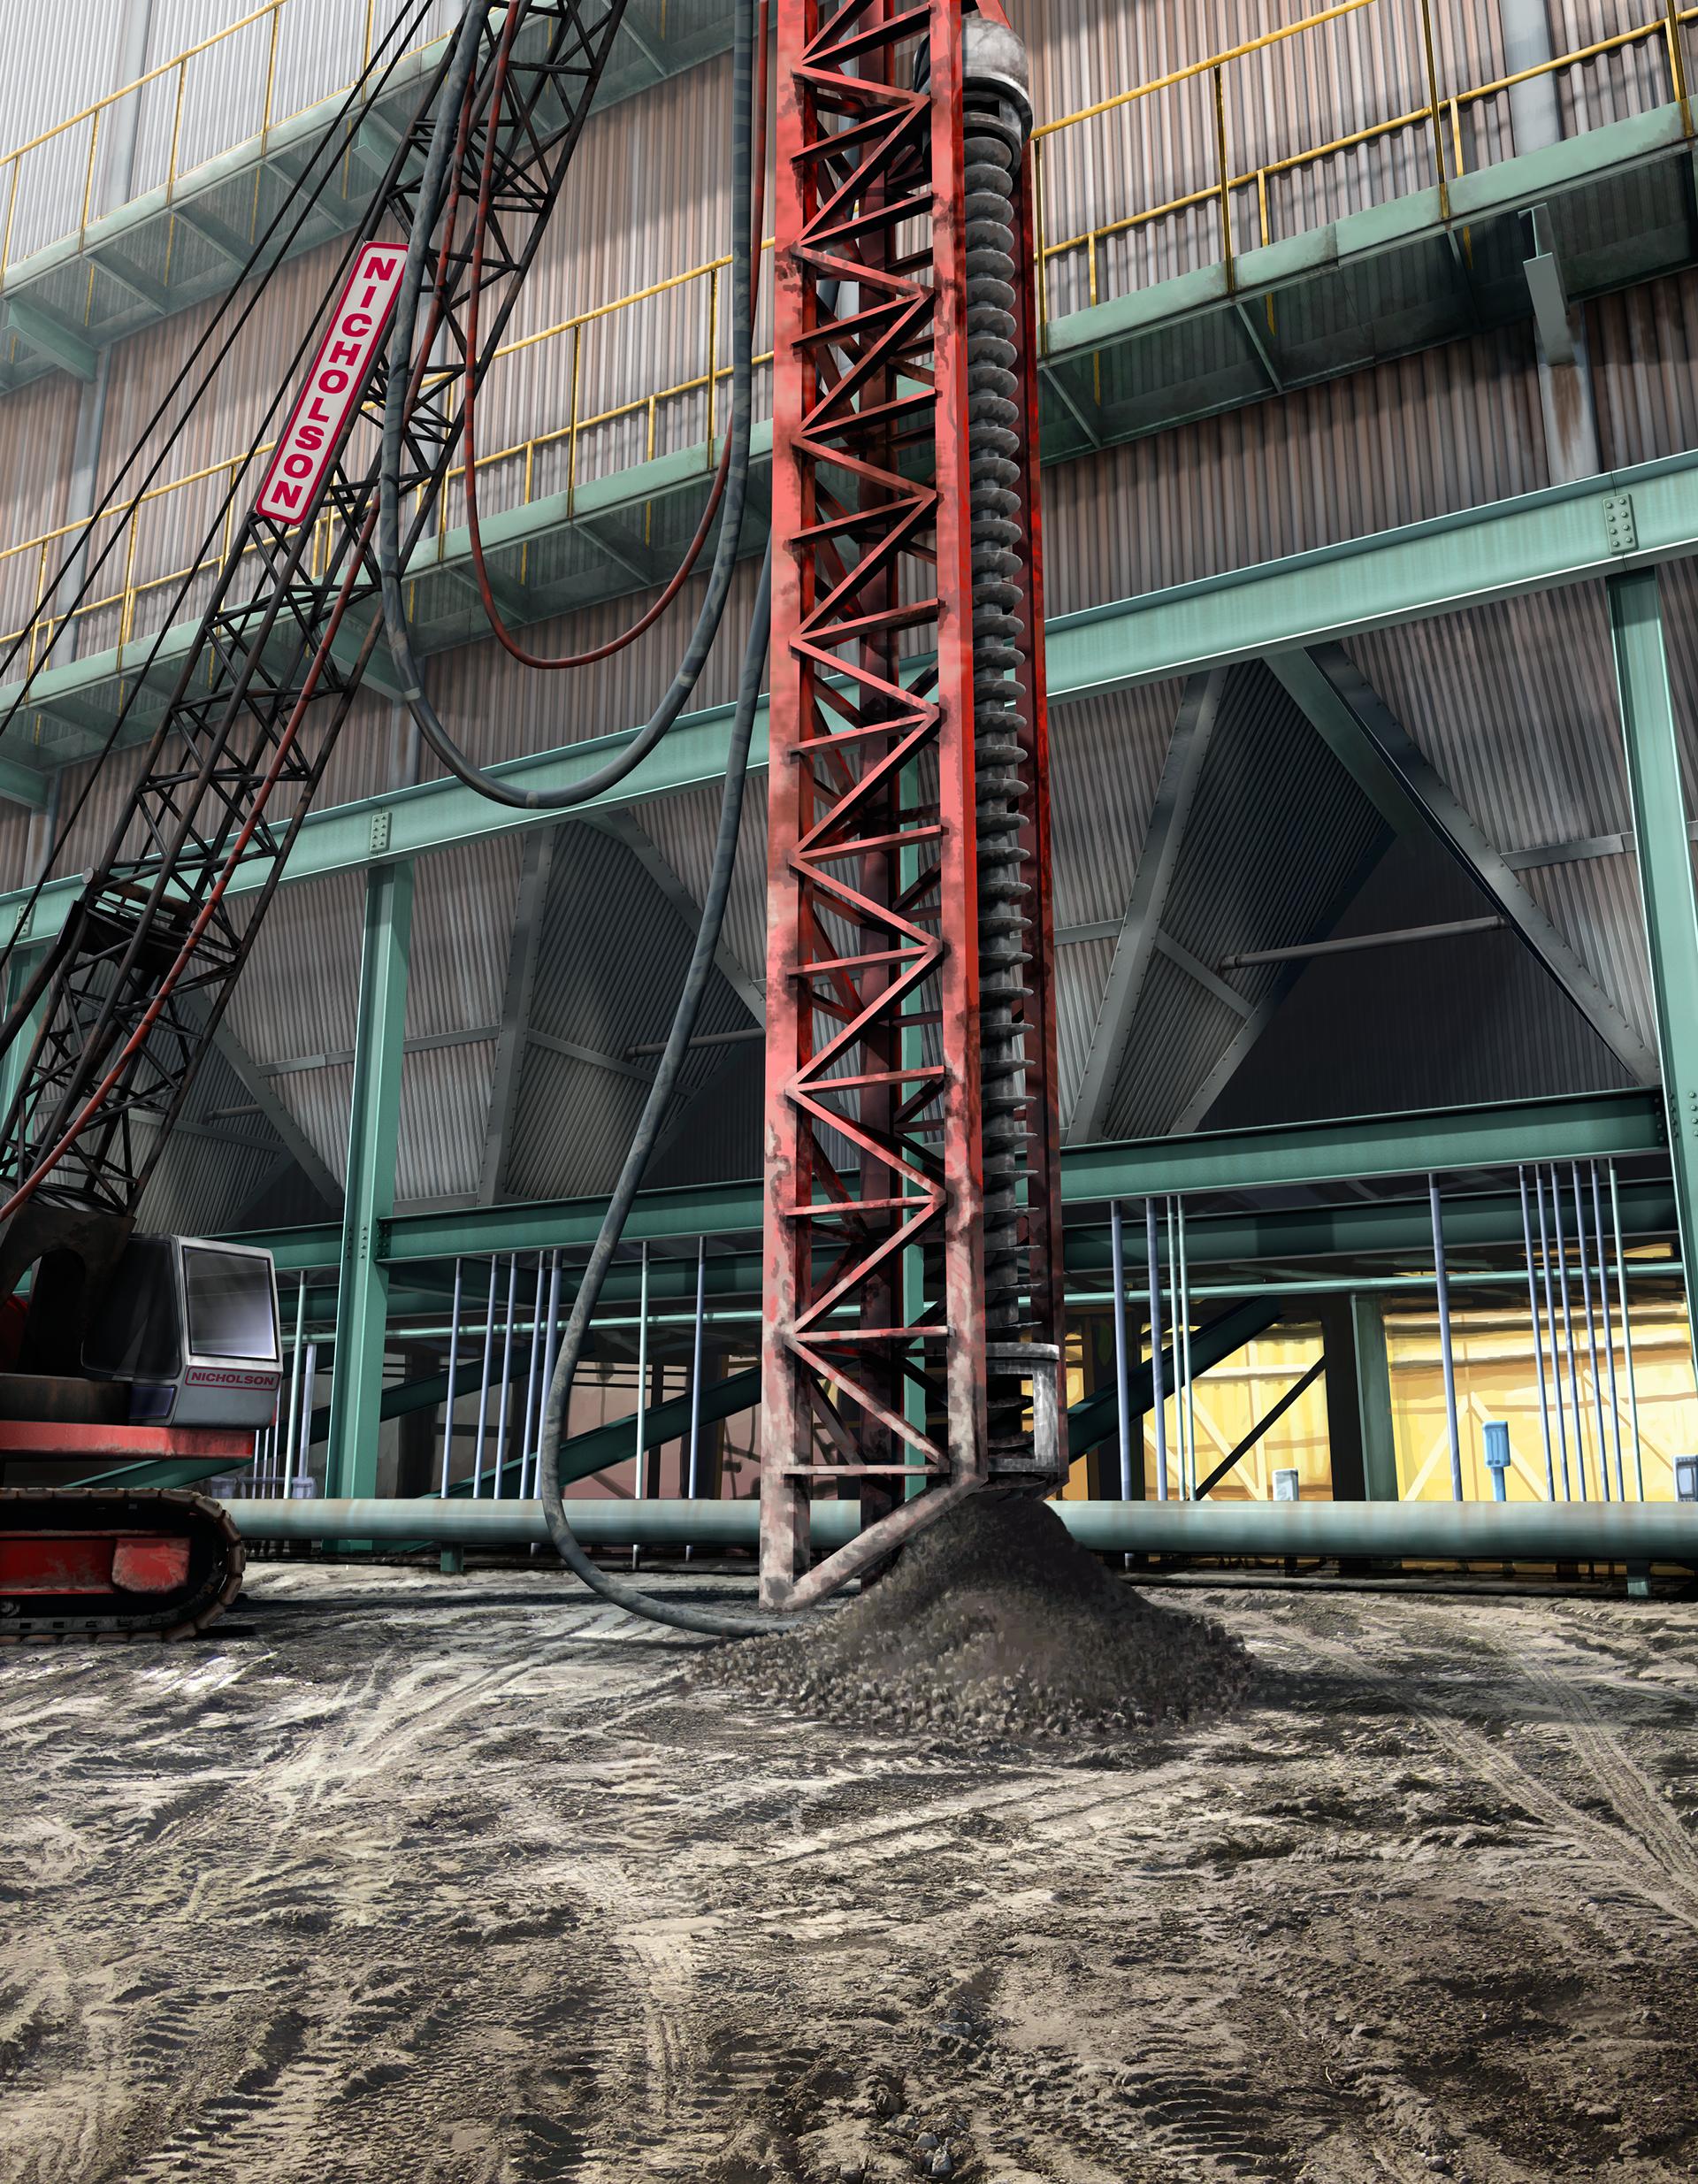 Auger Cast Piles, Augercast, Ninetimes, Illustration, Coal Power Plant, 3D Model, Nicholson Construction, Geotechnical Construction, Geotech, Auger Drill